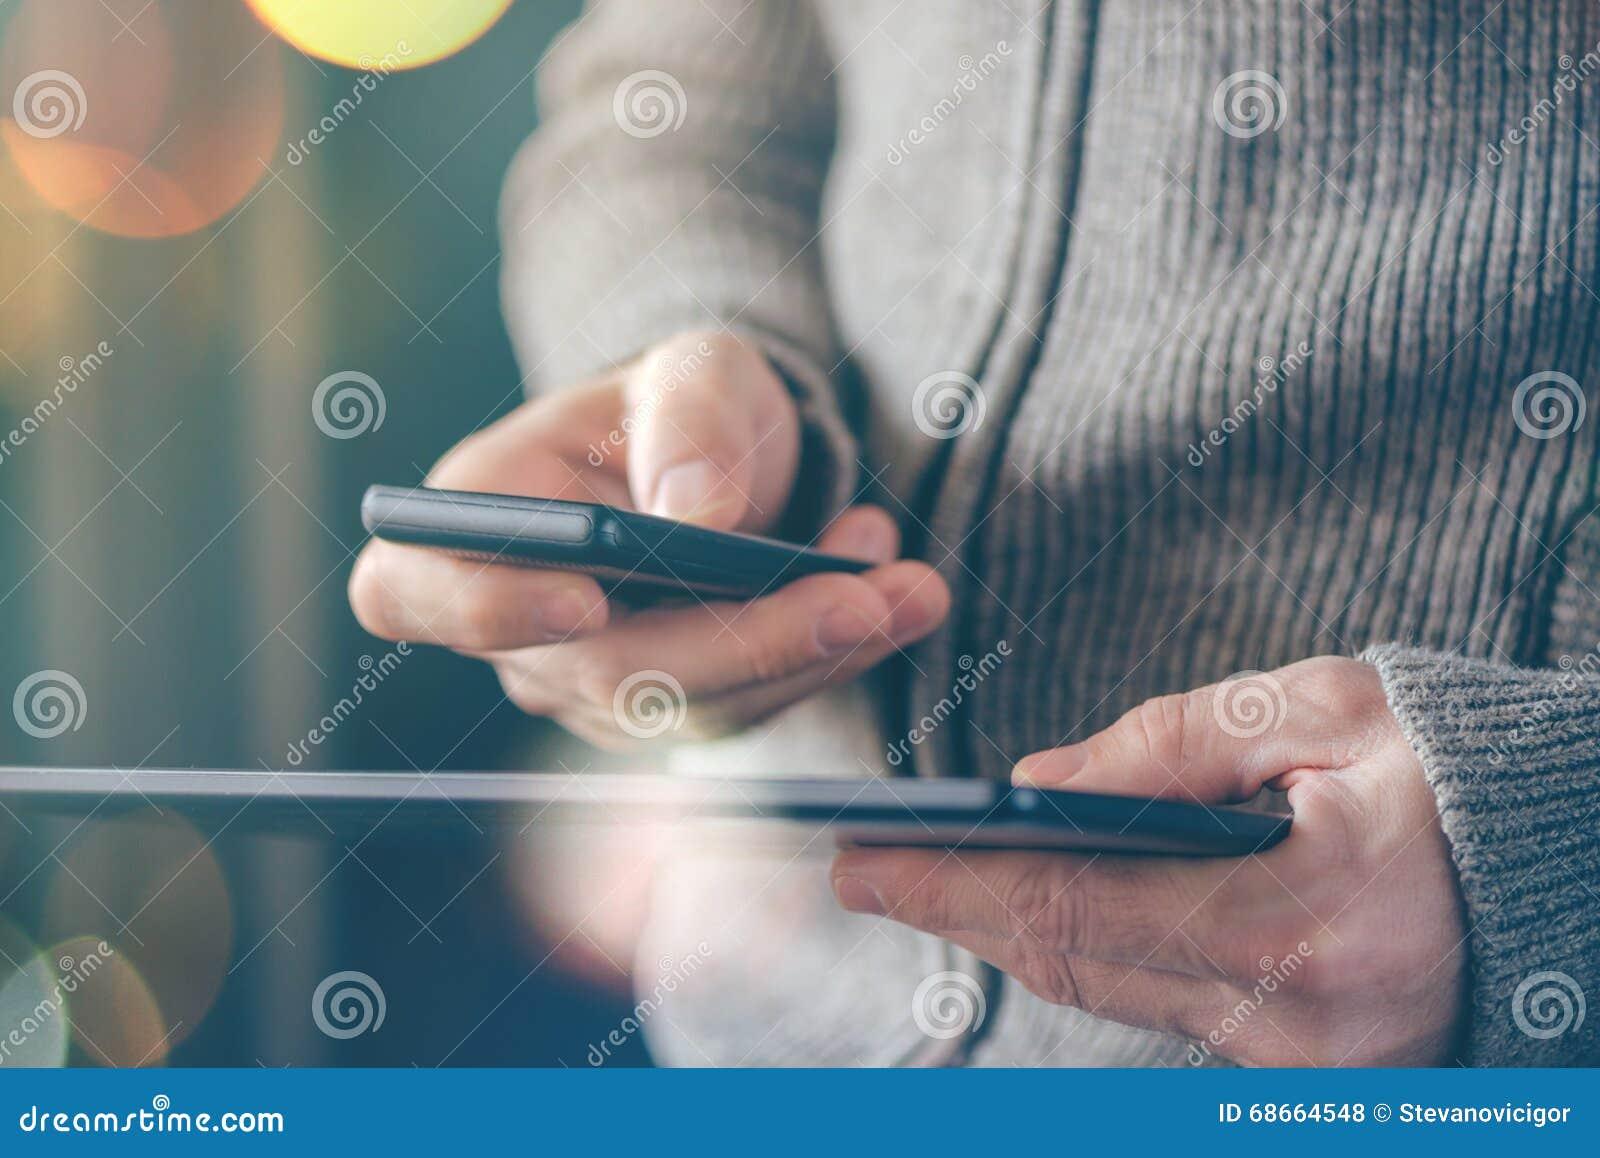 Smartphone i pastylka dane synchronizacja, mężczyzna syncing kartoteki